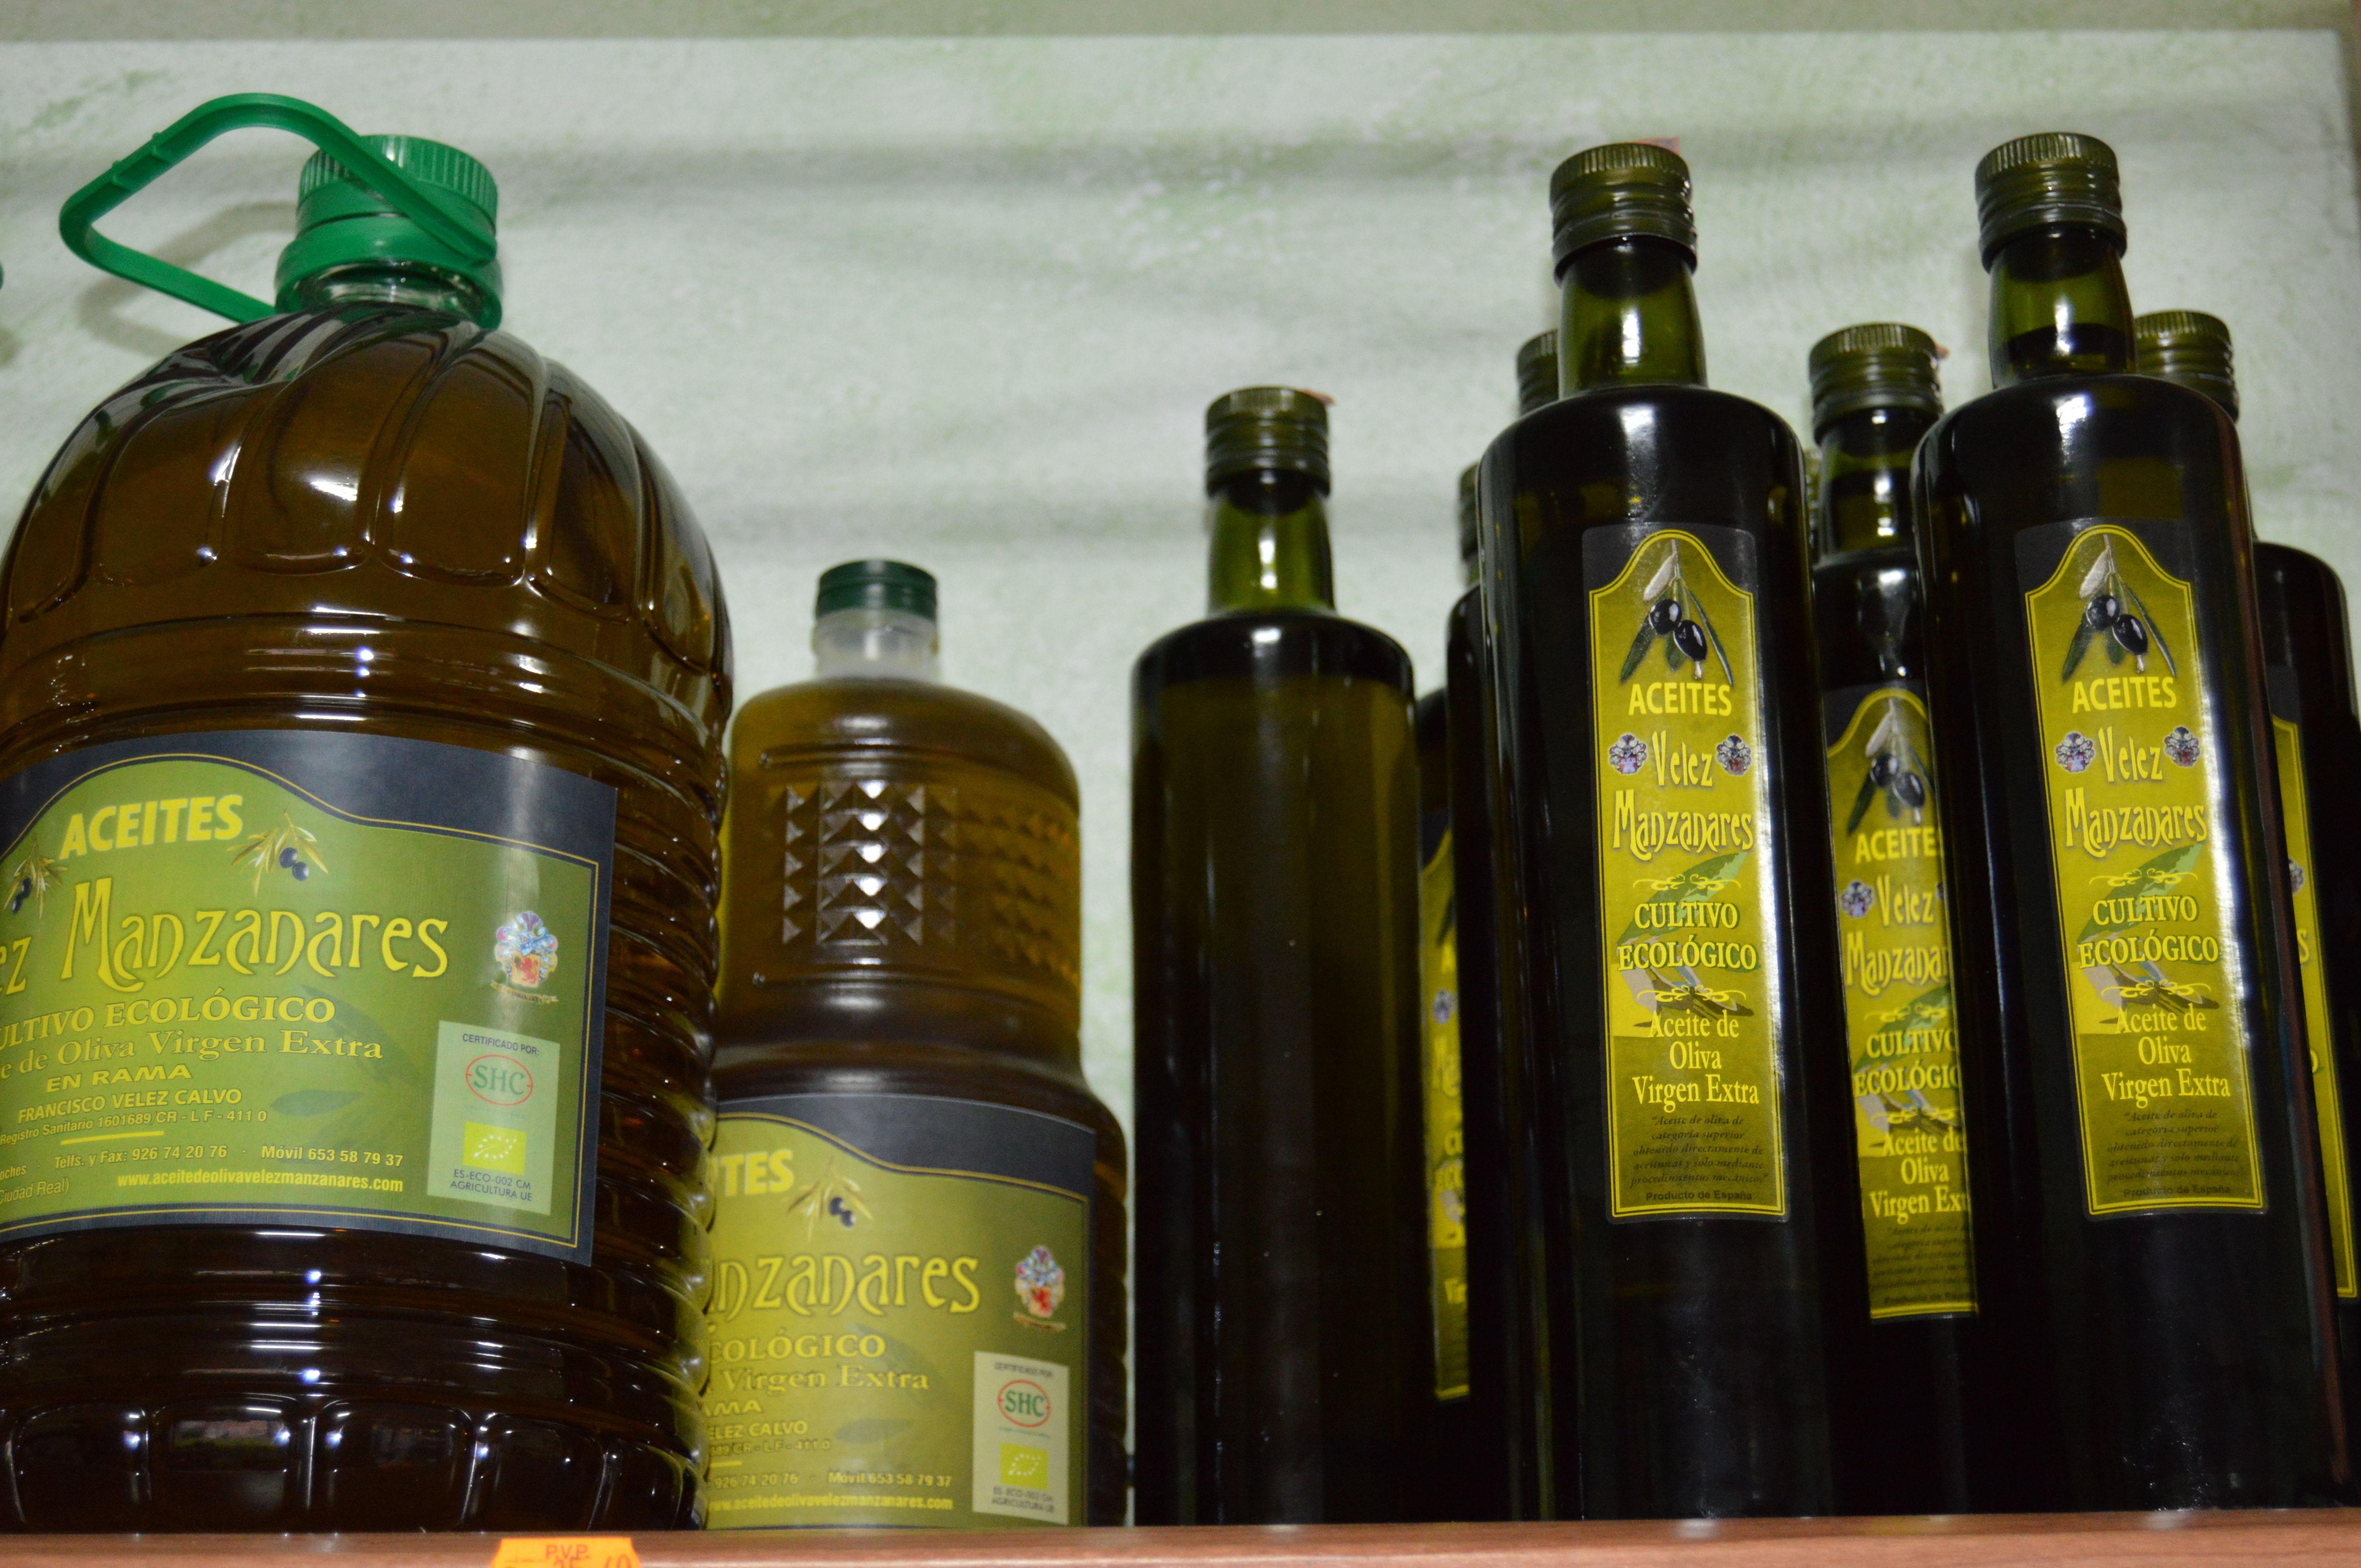 Foto 30 de Productos ecológicos en Ciudad Real | La Despensa Ecológica